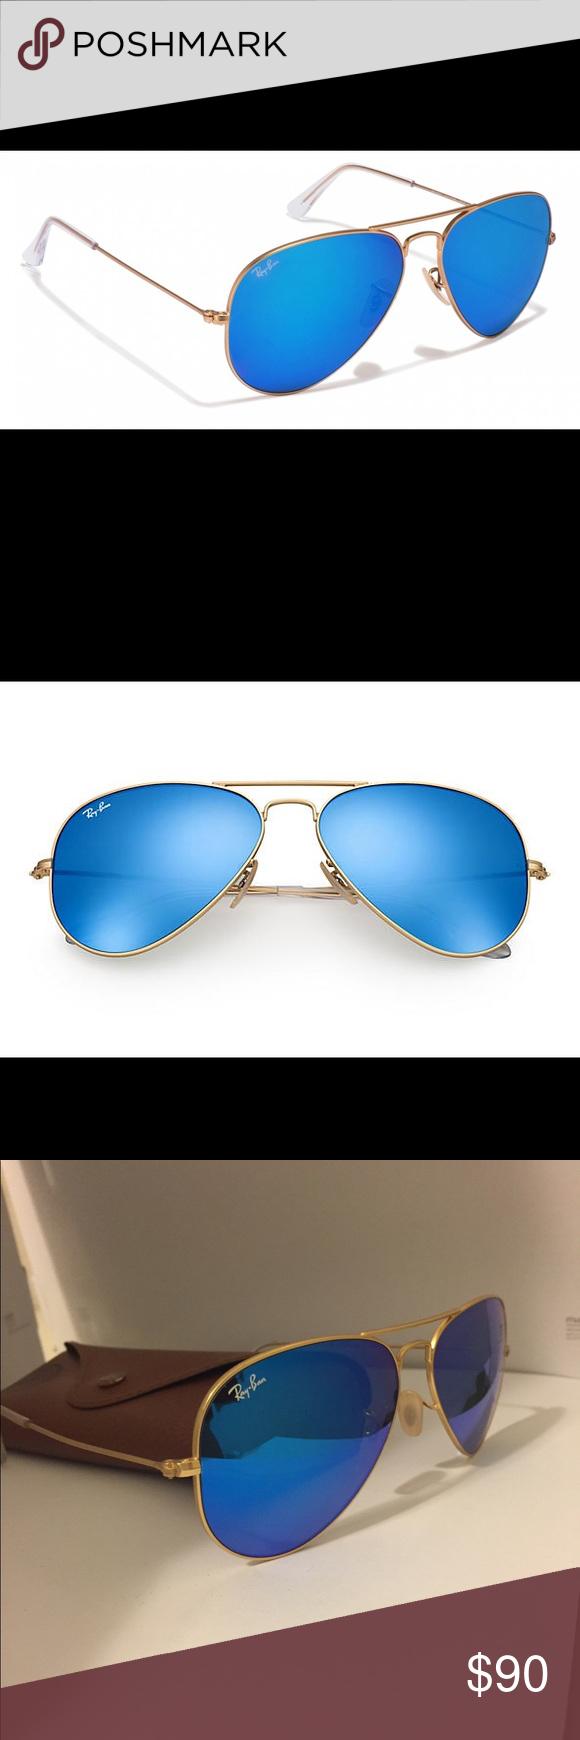 1817ea70121 Blue Lense Ray Ban Aviators « One More Soul